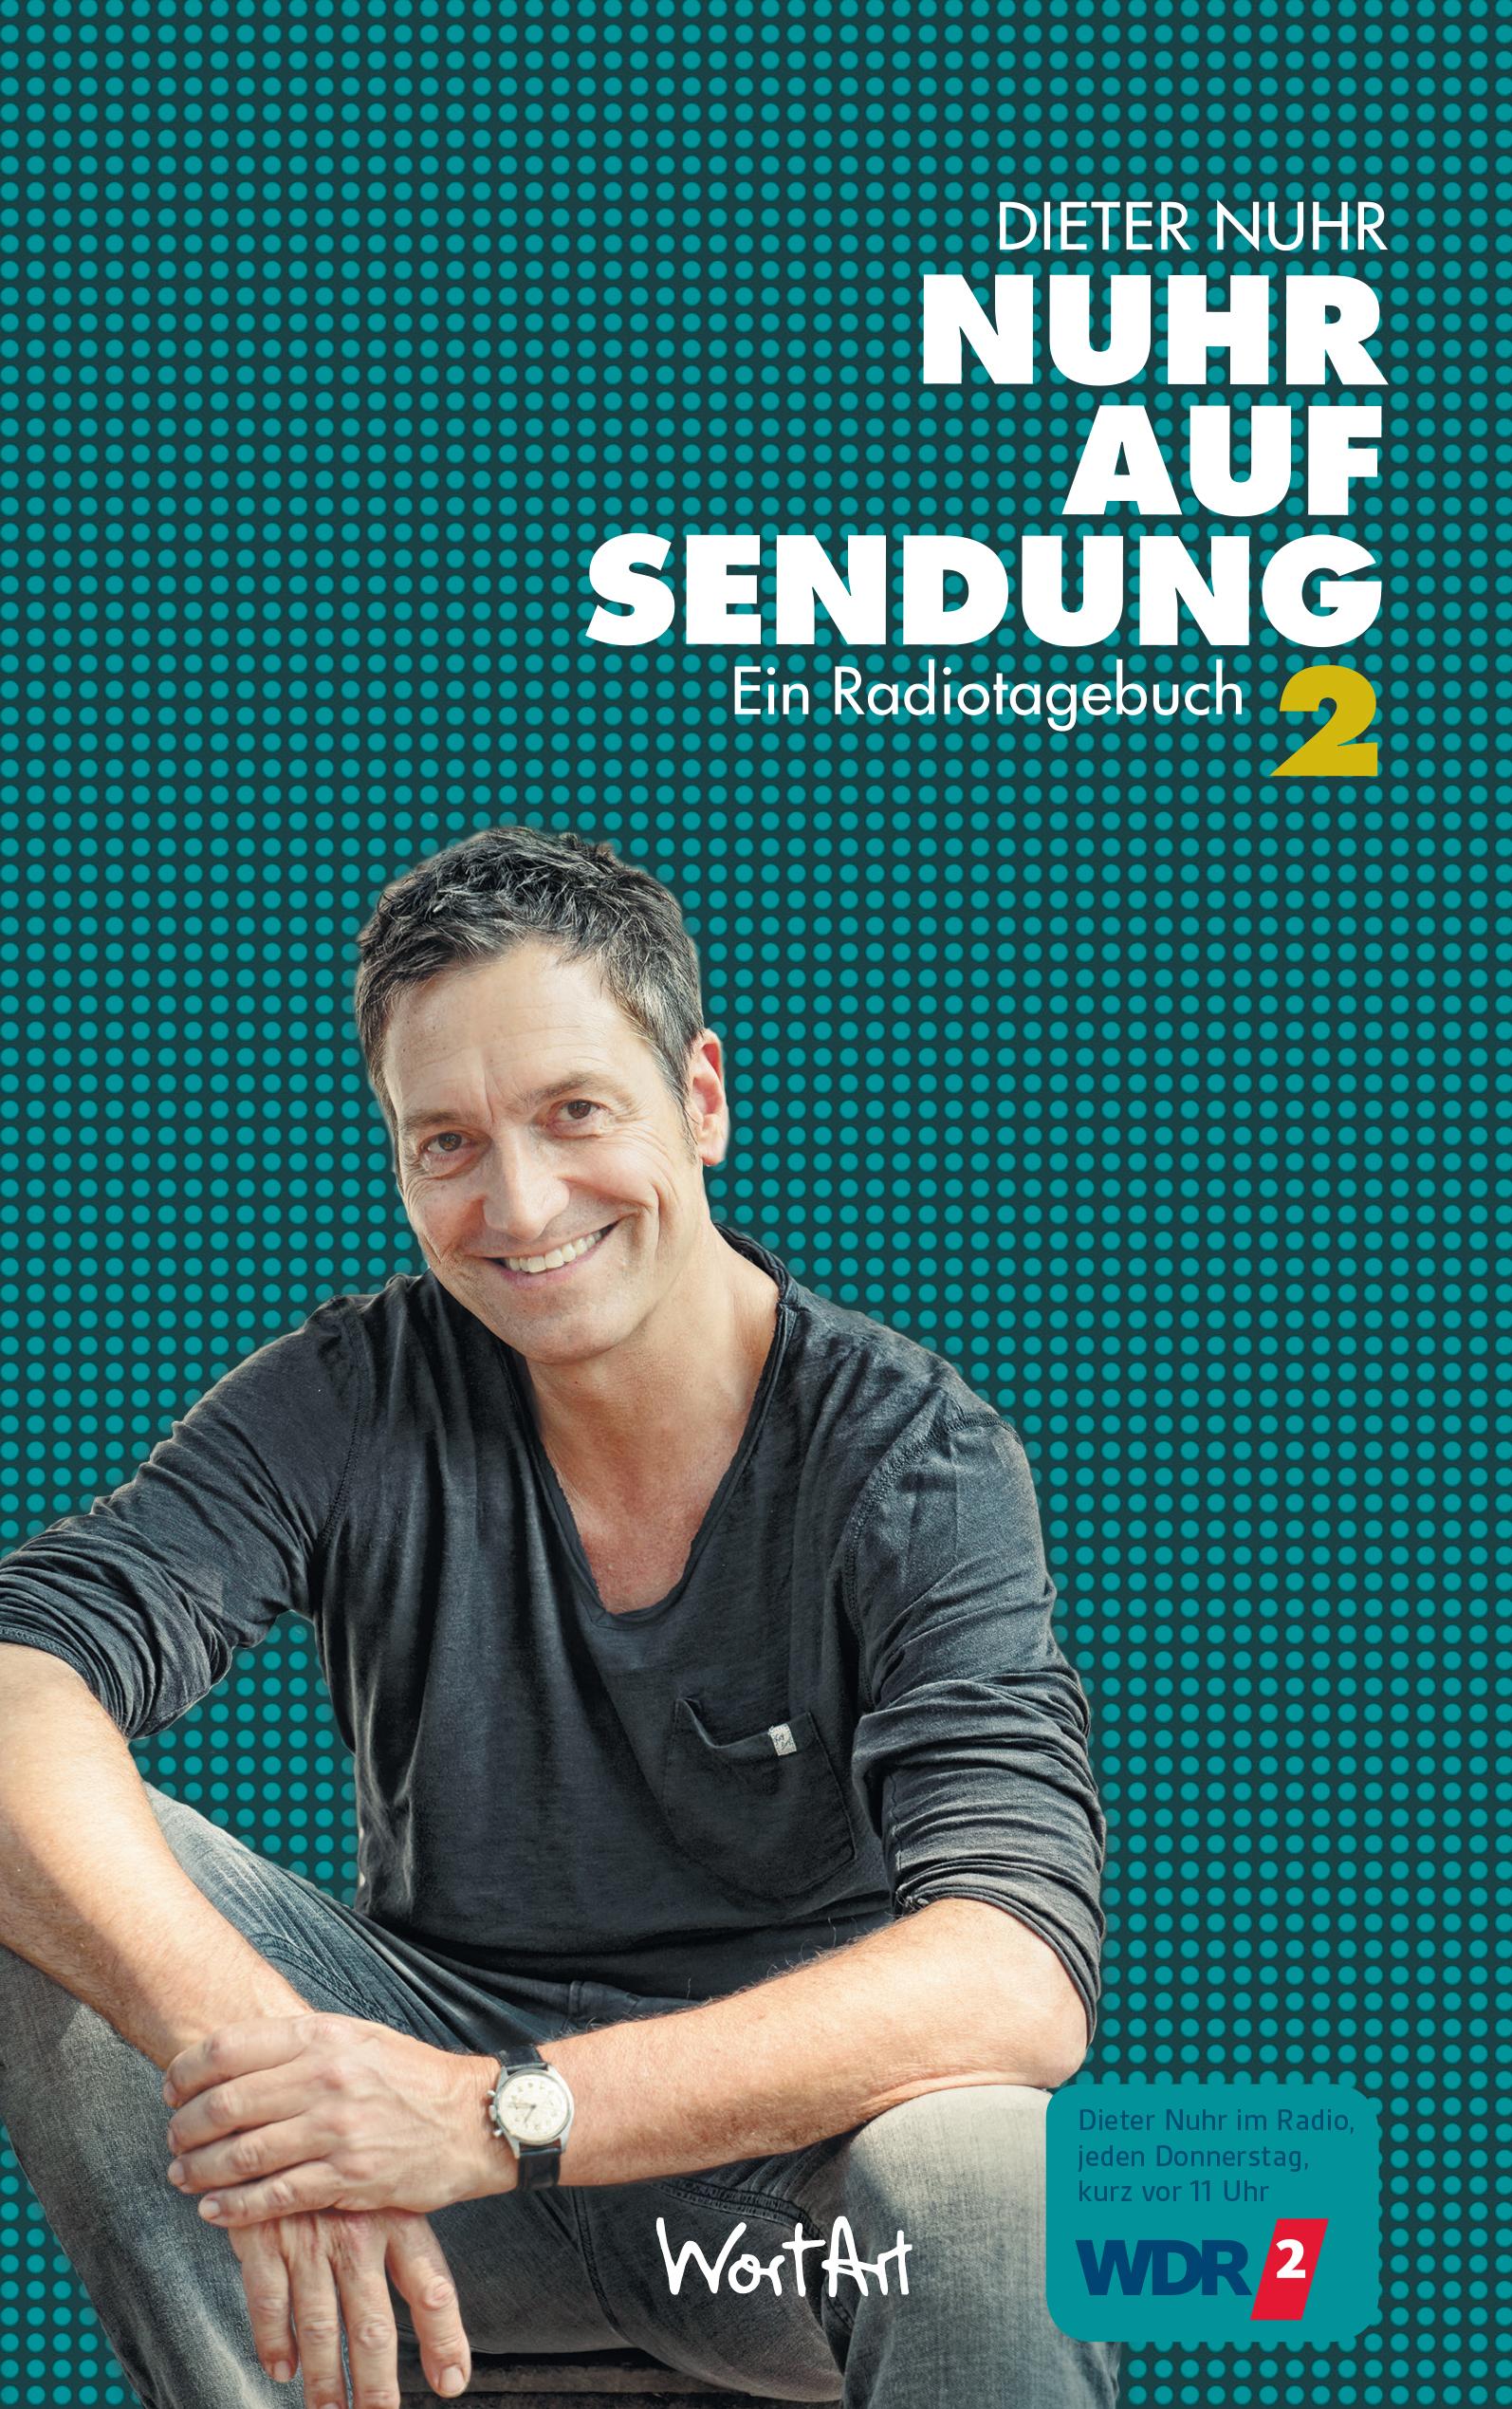 Dieter Nuhr Nuhr Auf Sendung Ein Radiotagebuch 2 Buch Wortart Comedy Und Kabarett Shop